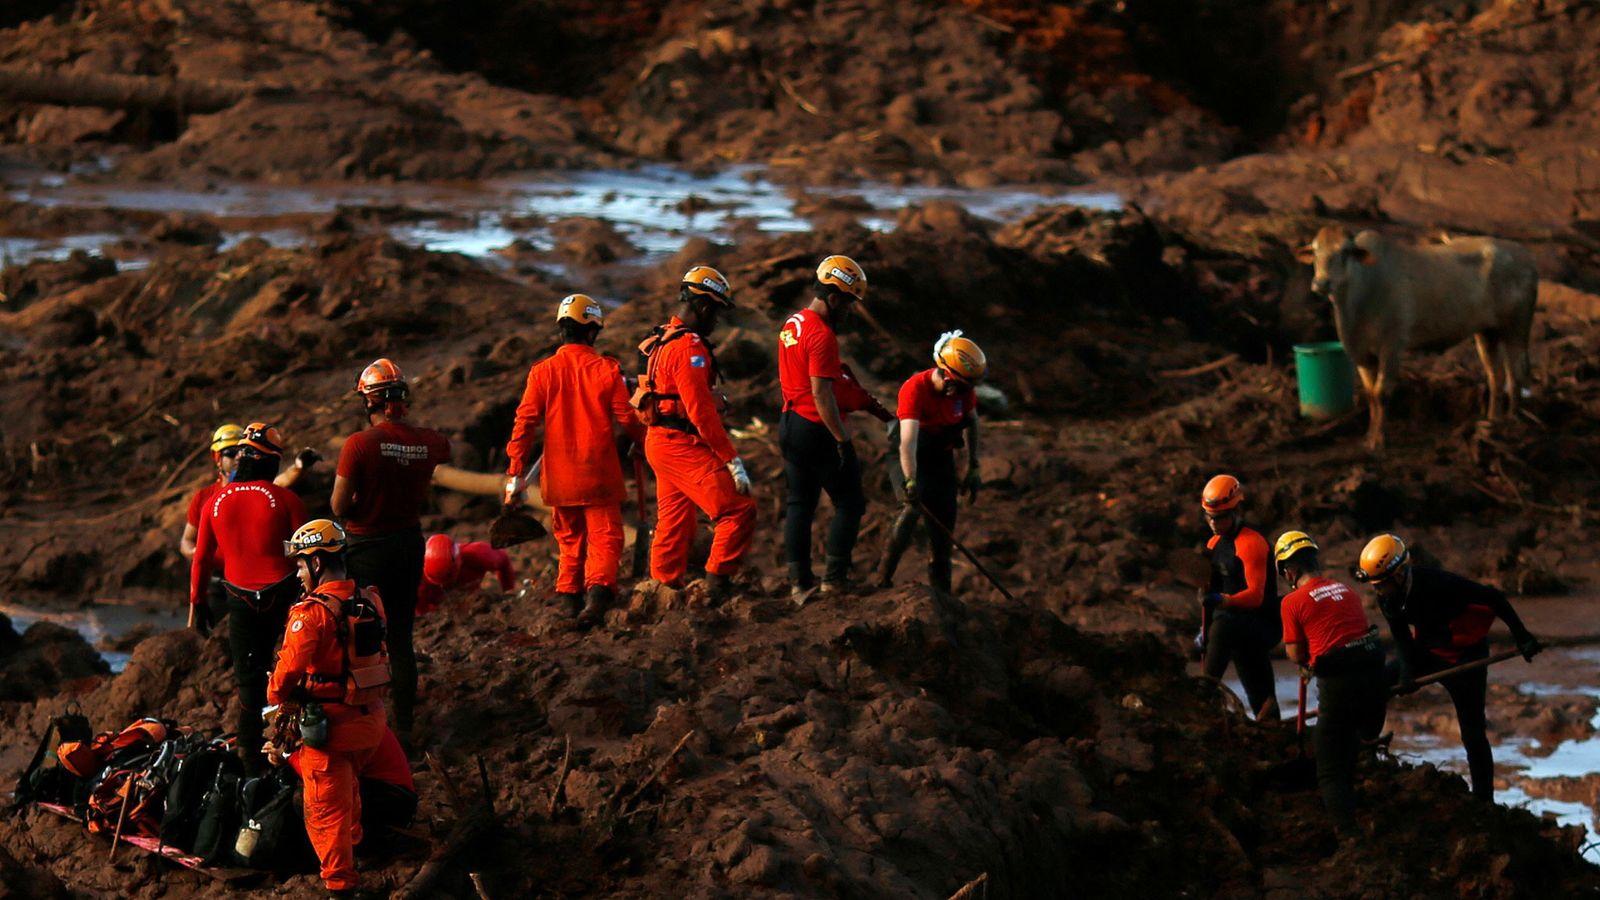 Membros de uma equipa de salvamento procuram vítimas, depois do colapso de uma barragem de resíduos.